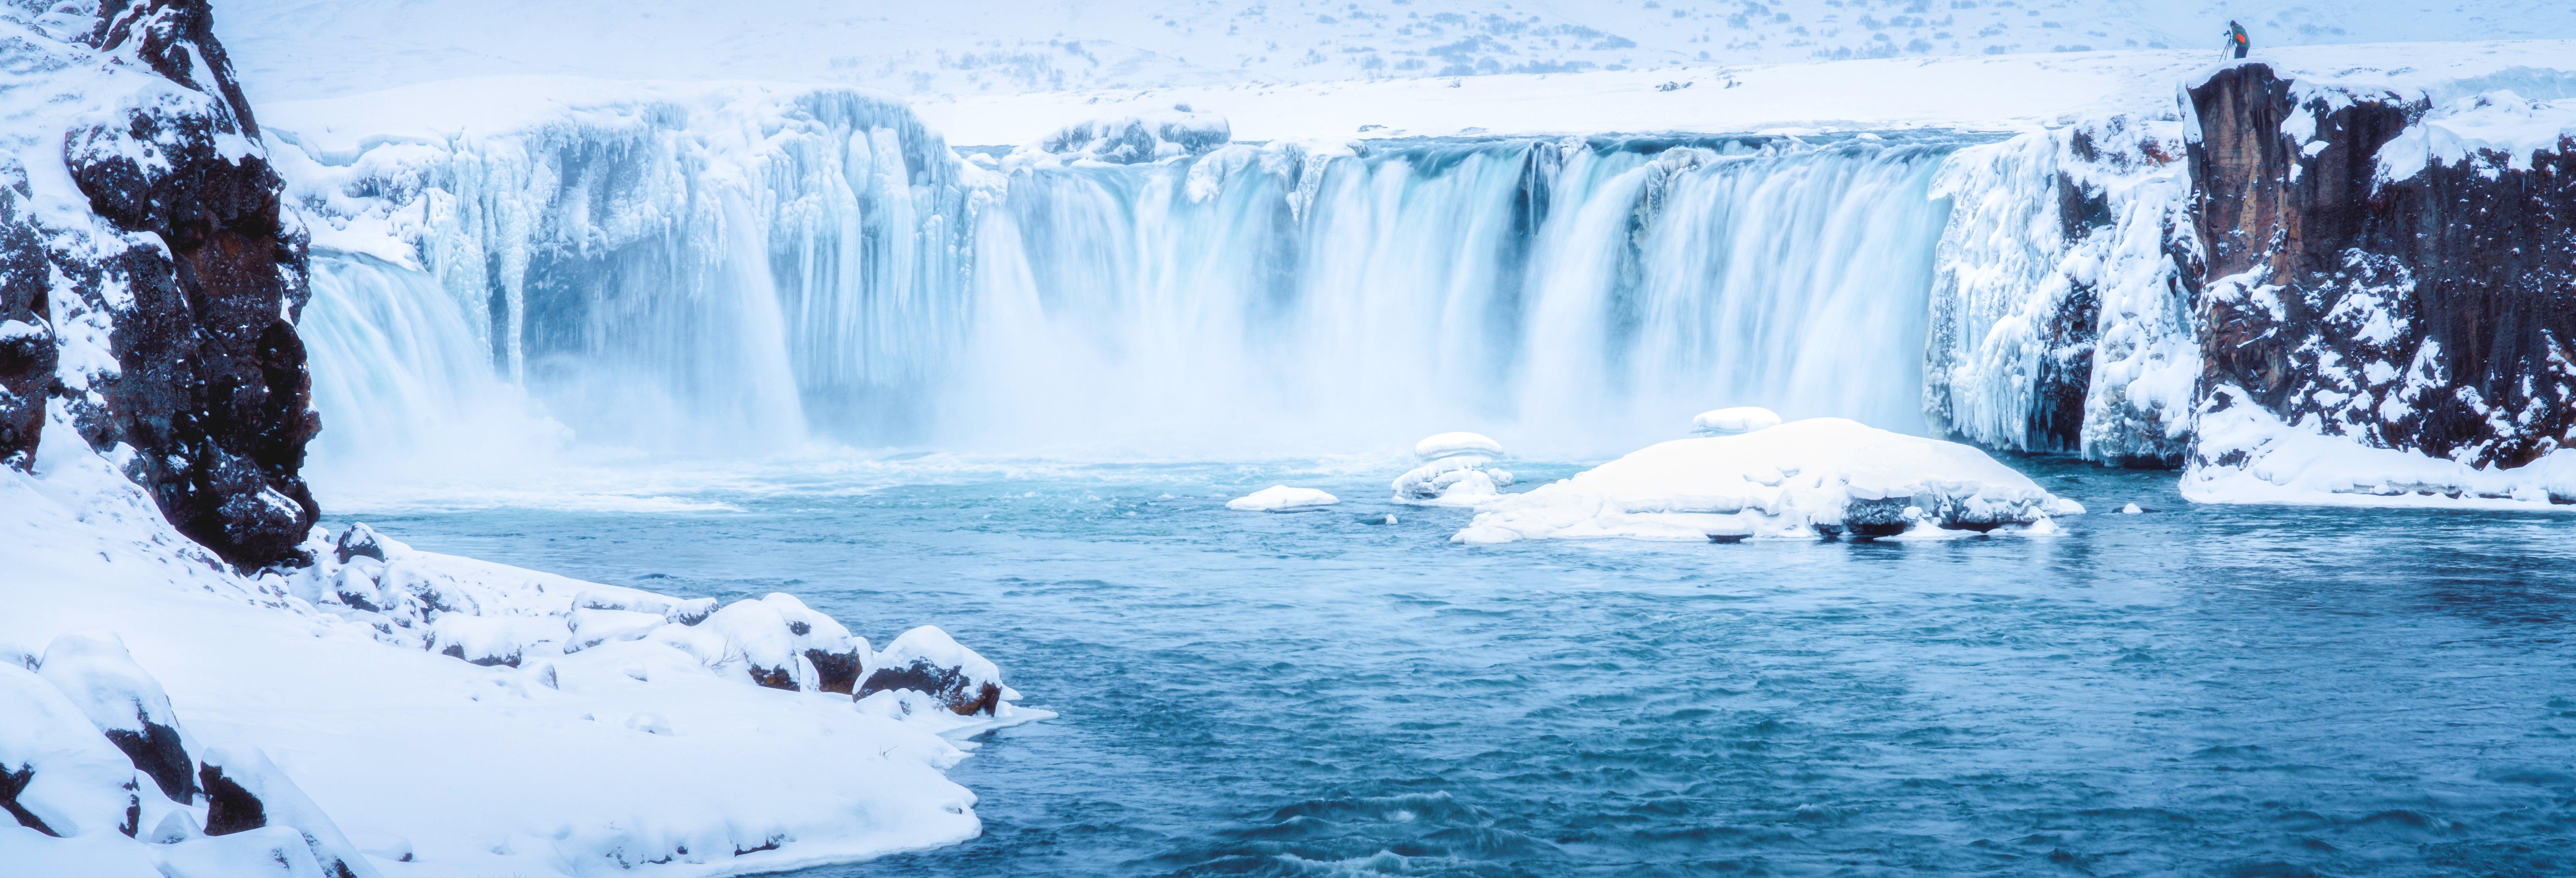 Excursión a la cascada Godafoss